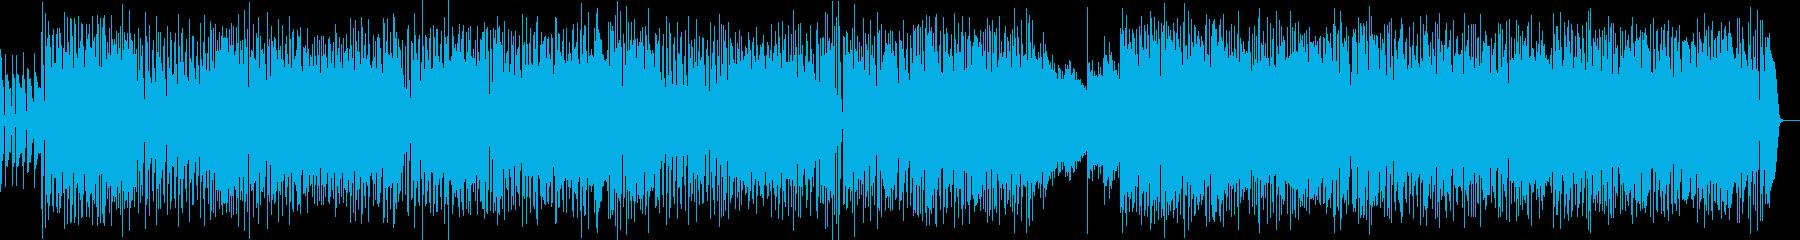 バンドサウンド クランチROCK 生演奏の再生済みの波形